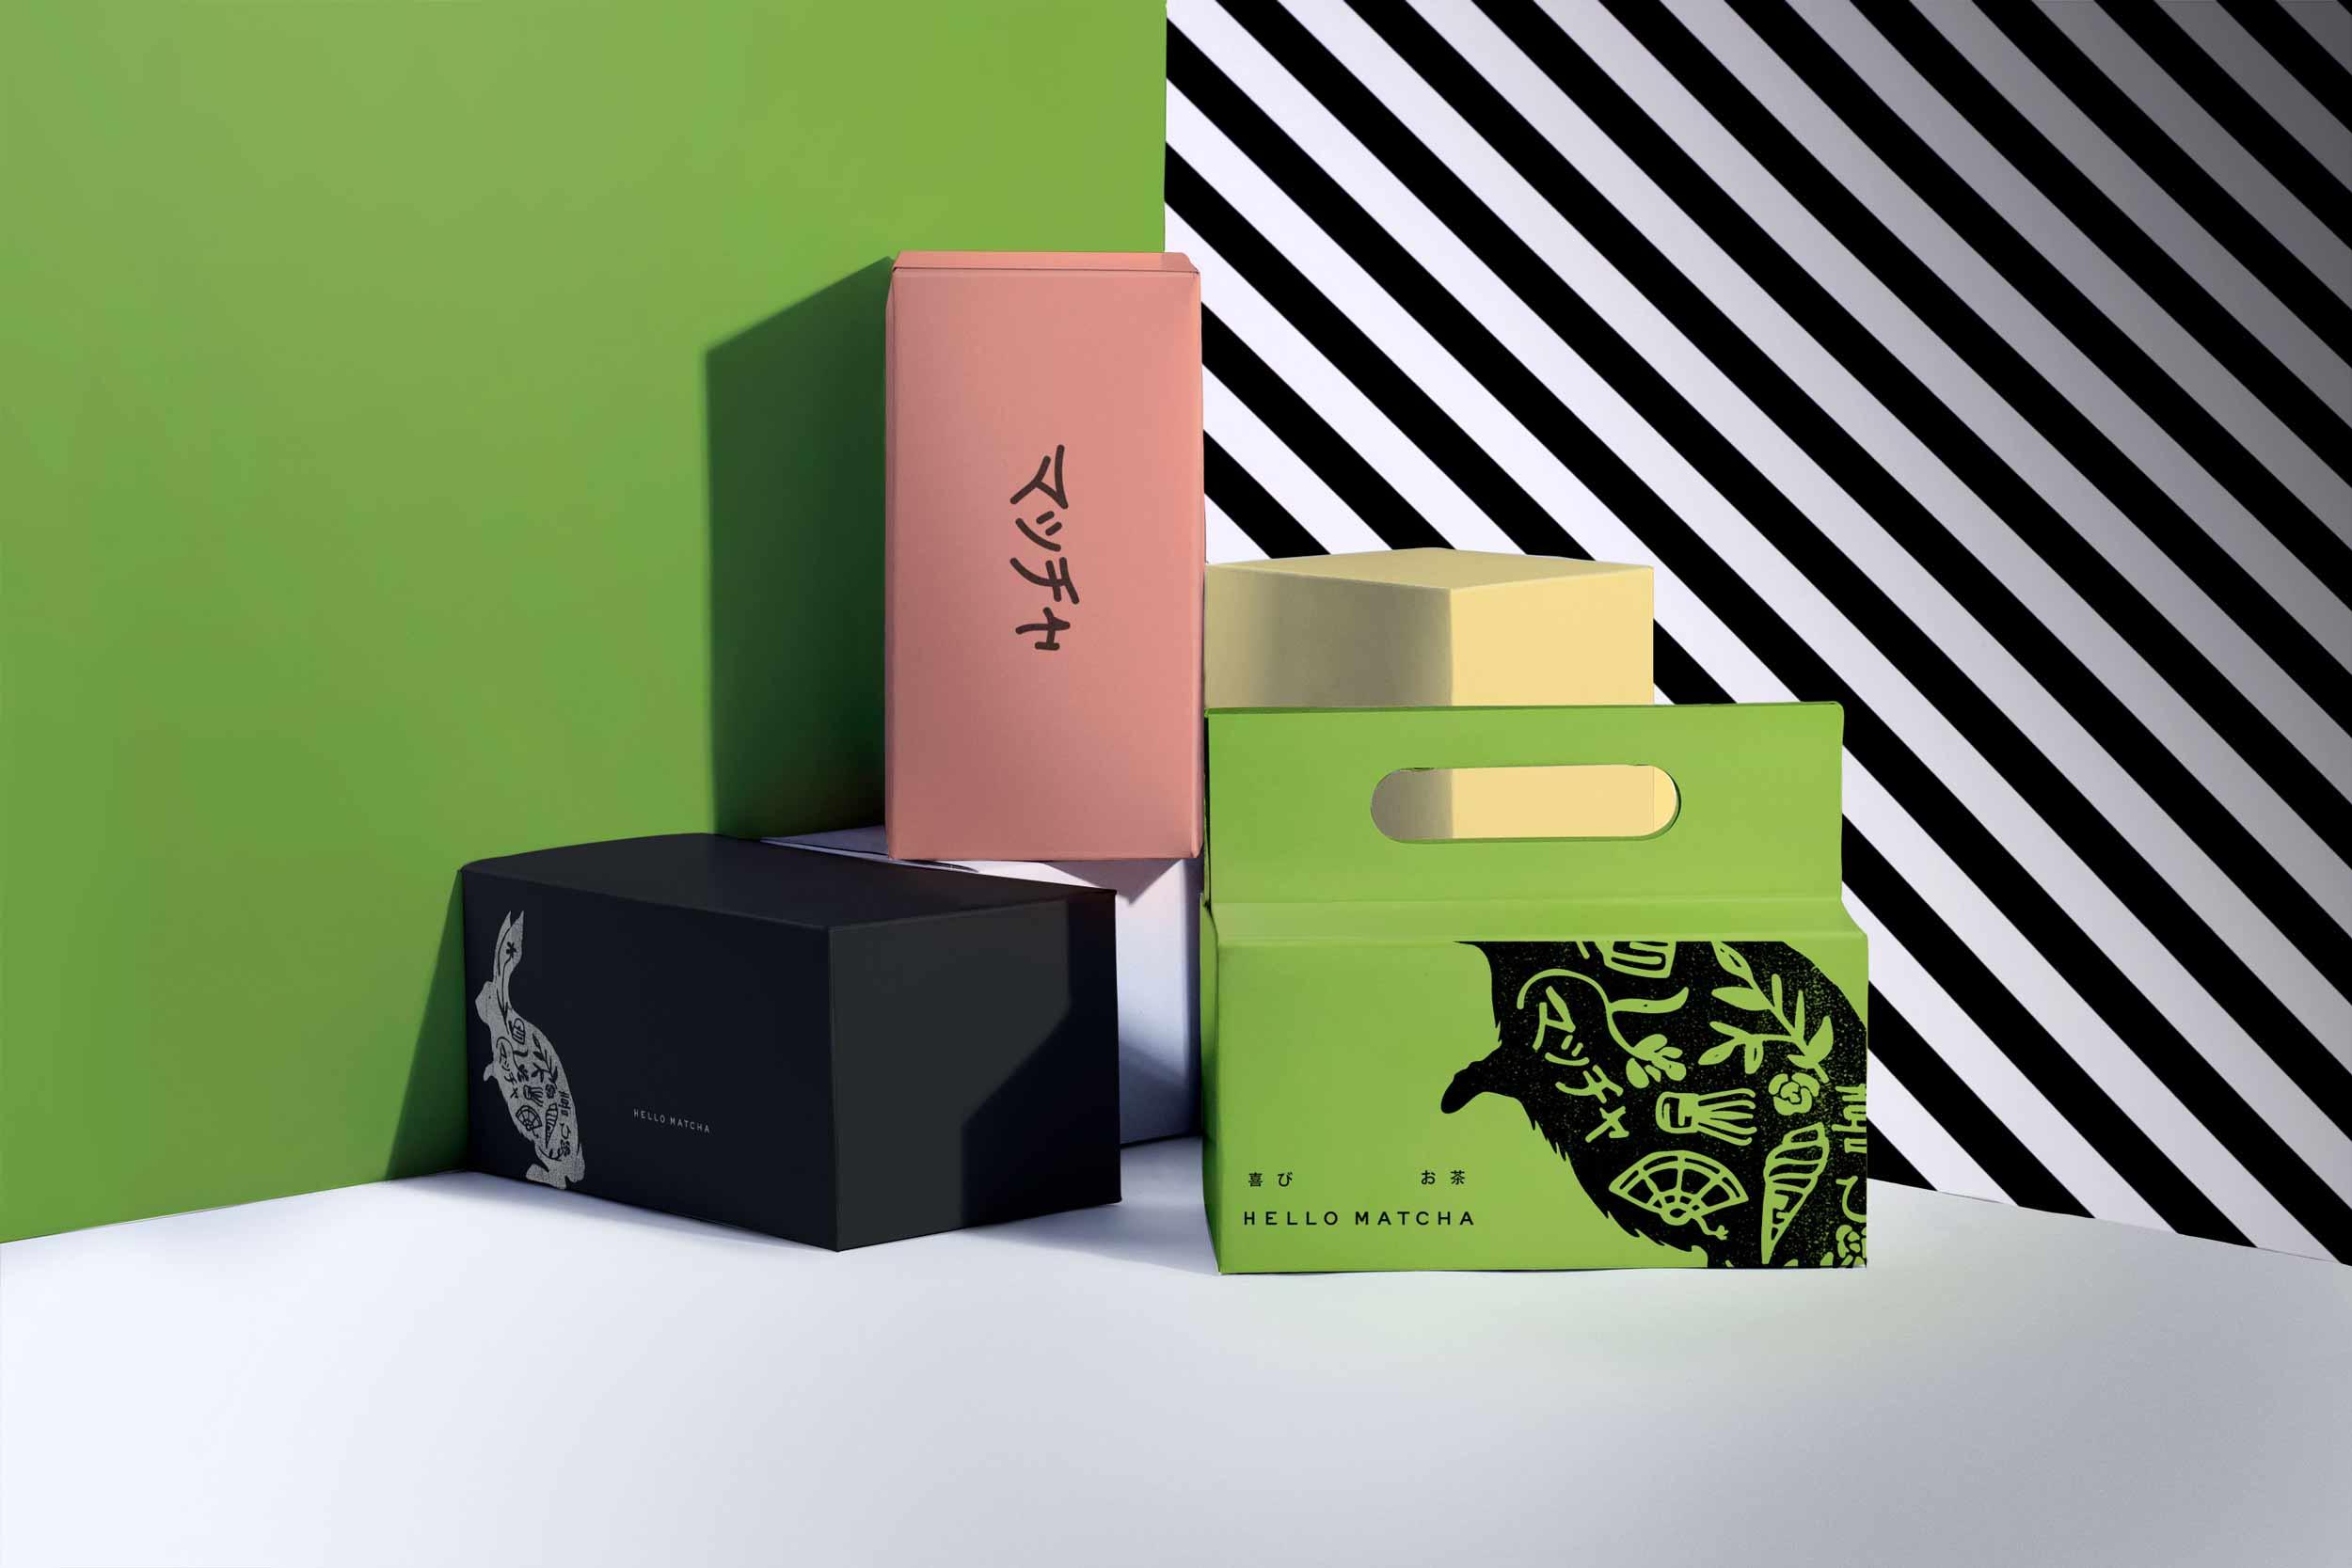 藝點烘焙品牌VI設計案例-每天一點創意